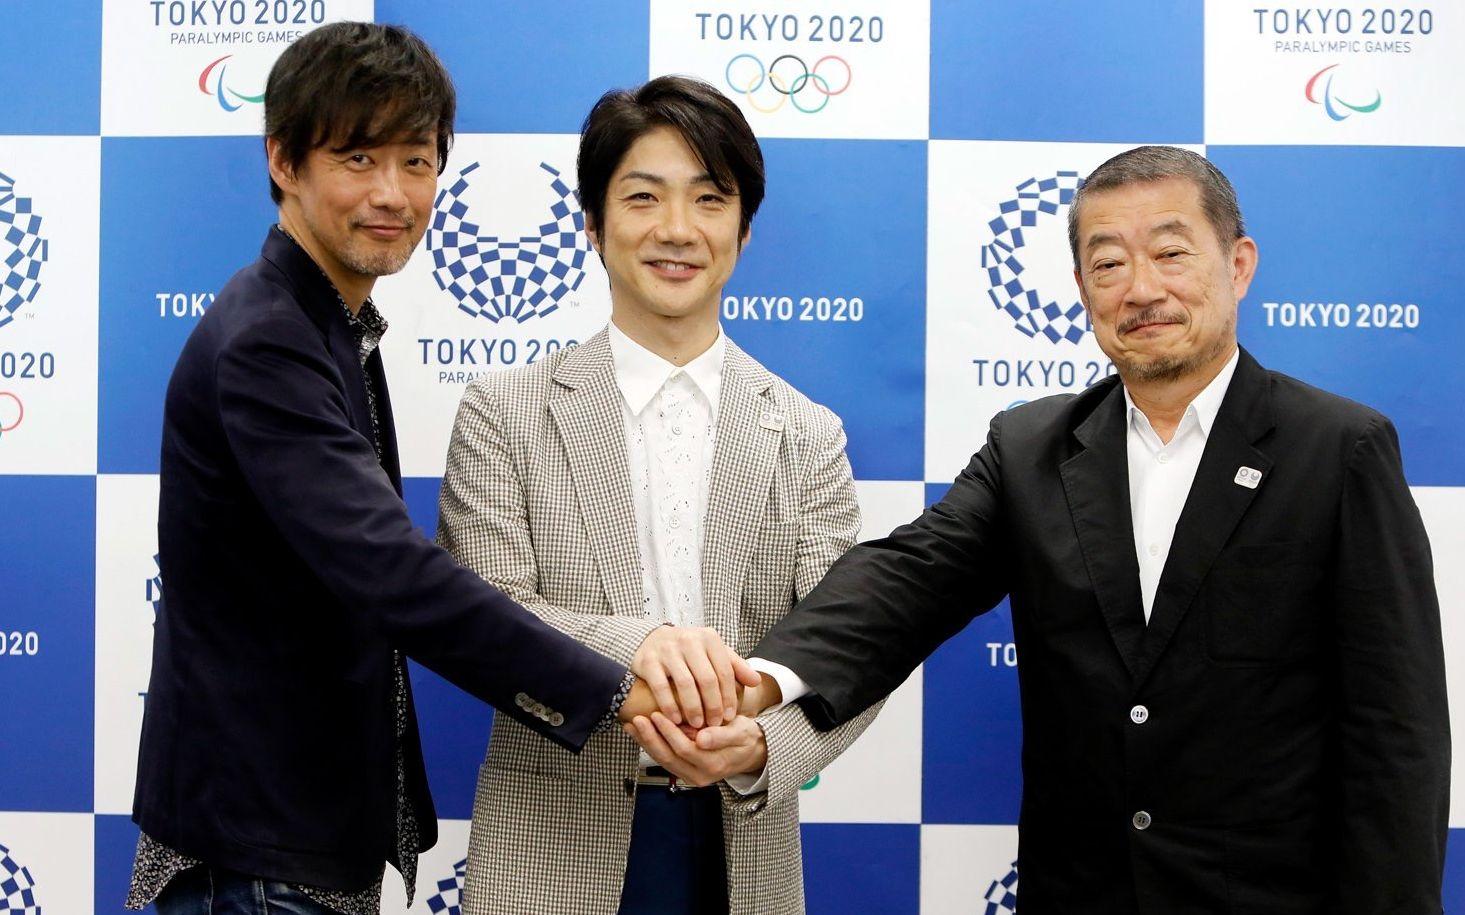 野村万斋 就任2020年东京奥运会开闭幕式导演、综合统括  见面会及相关视频新闻汇总